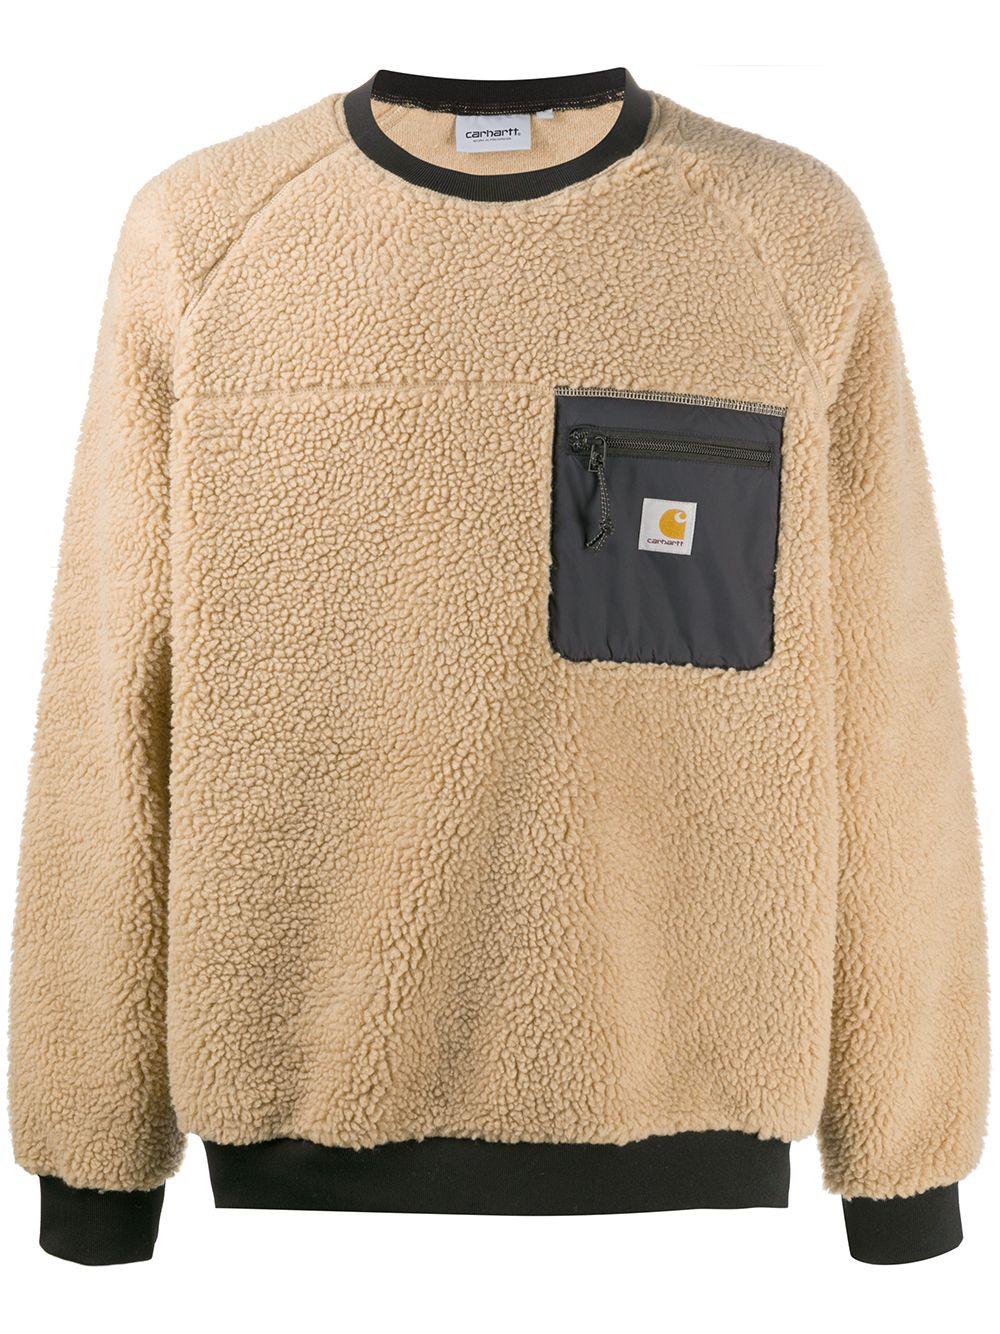 Carhartt Wip maglione a girocollo